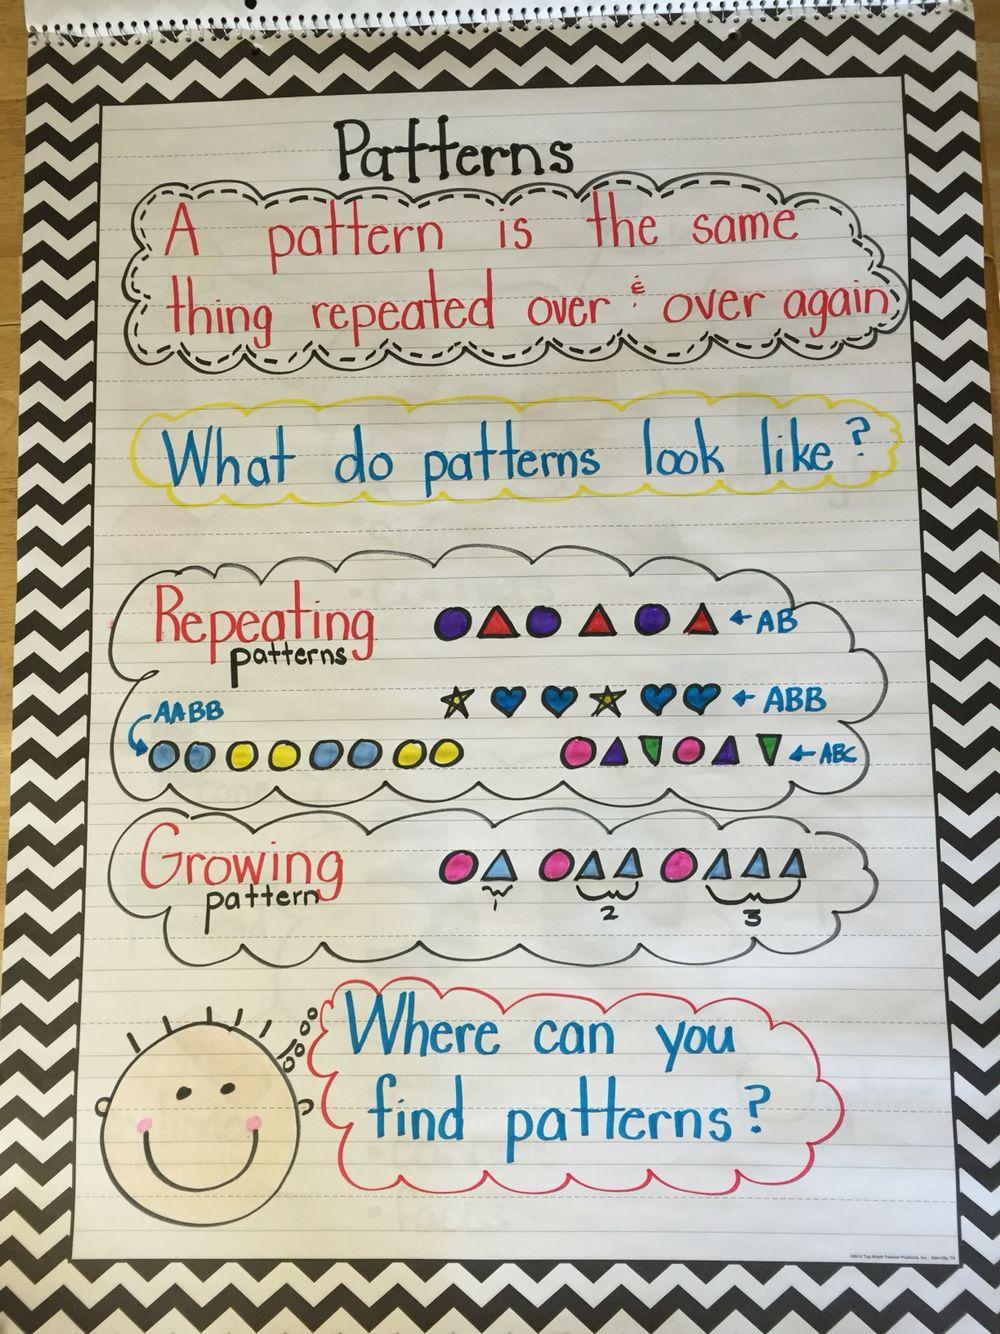 Pattern Anchor Chart Kindergarten Math Patterns Kindergarten Anchor Charts Math Patterns [ 1334 x 1000 Pixel ]